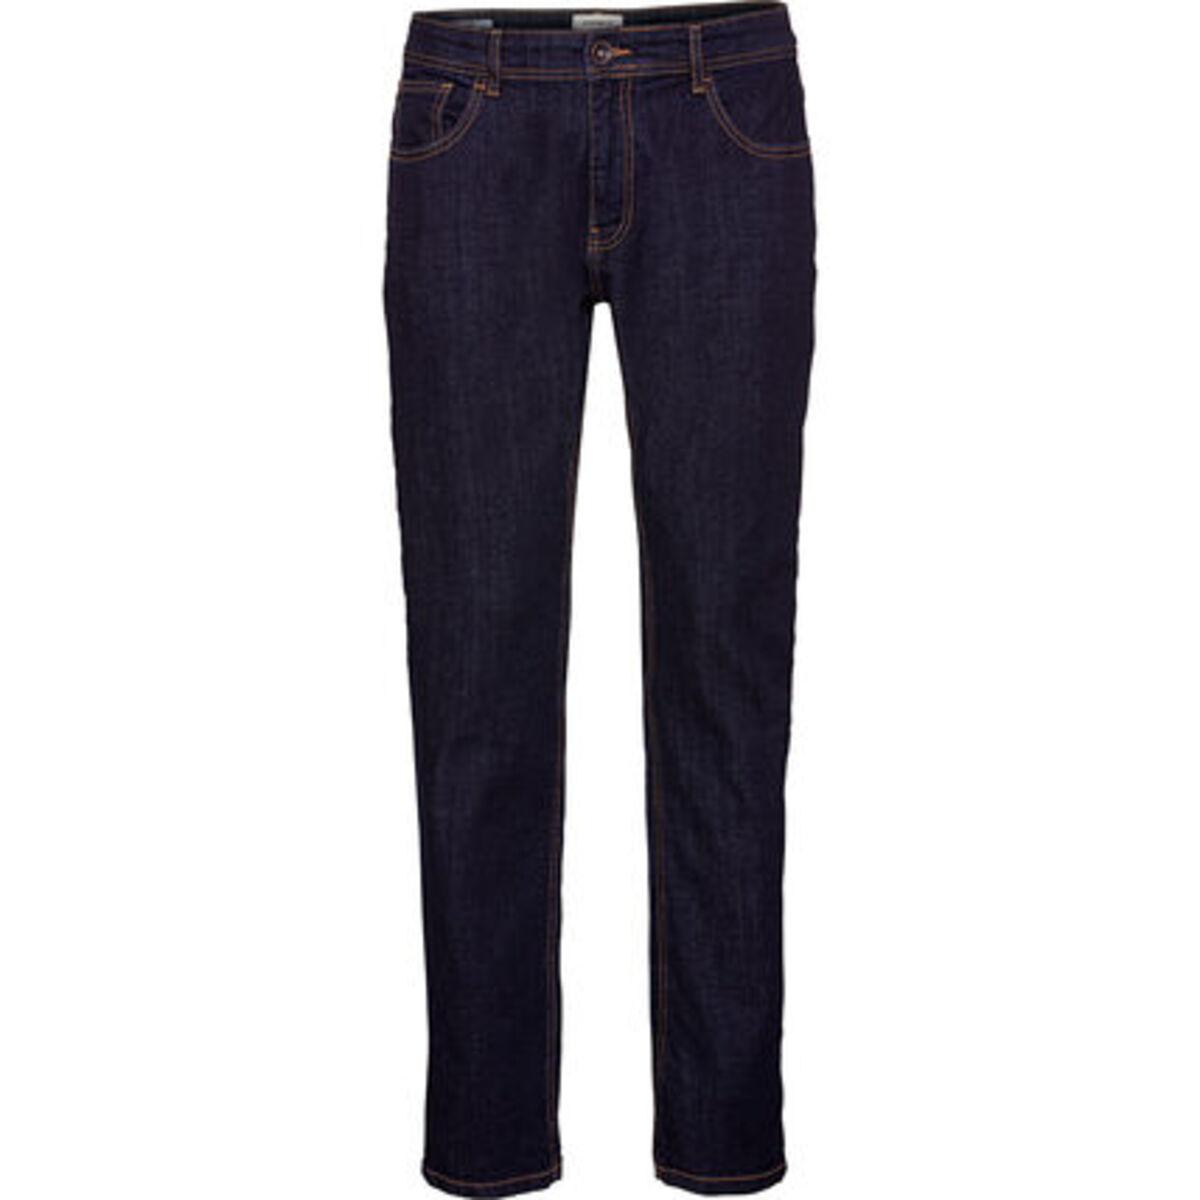 Bild 1 von MANGUUN Jeans, 1/1, Slim Fit, Waschung, für Herren